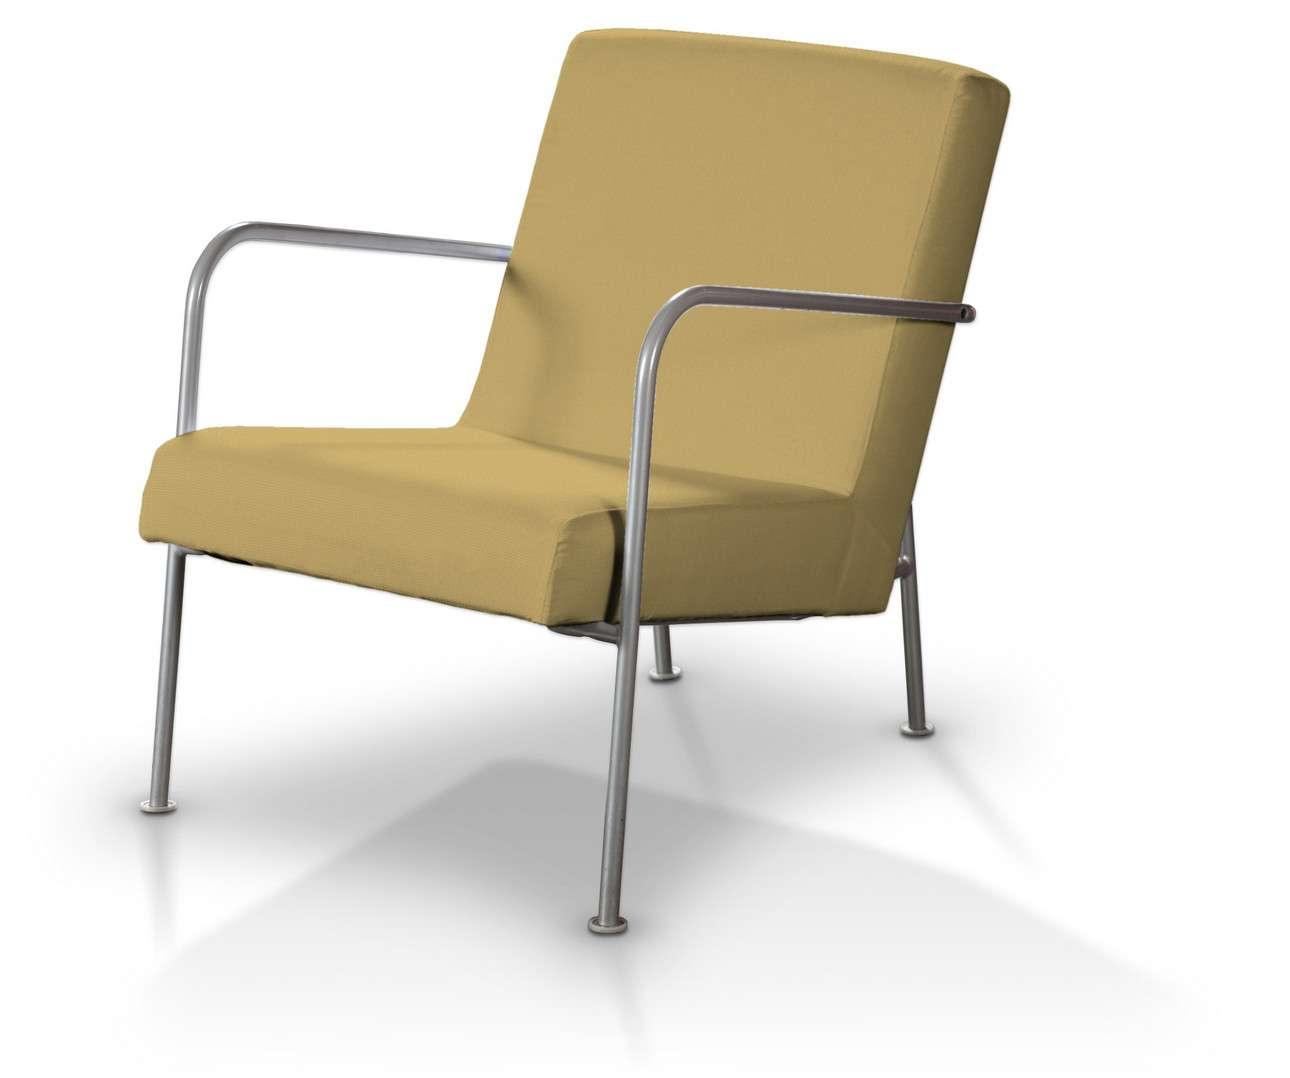 Pokrowiec na fotel Ikea PS w kolekcji Cotton Panama, tkanina: 702-41